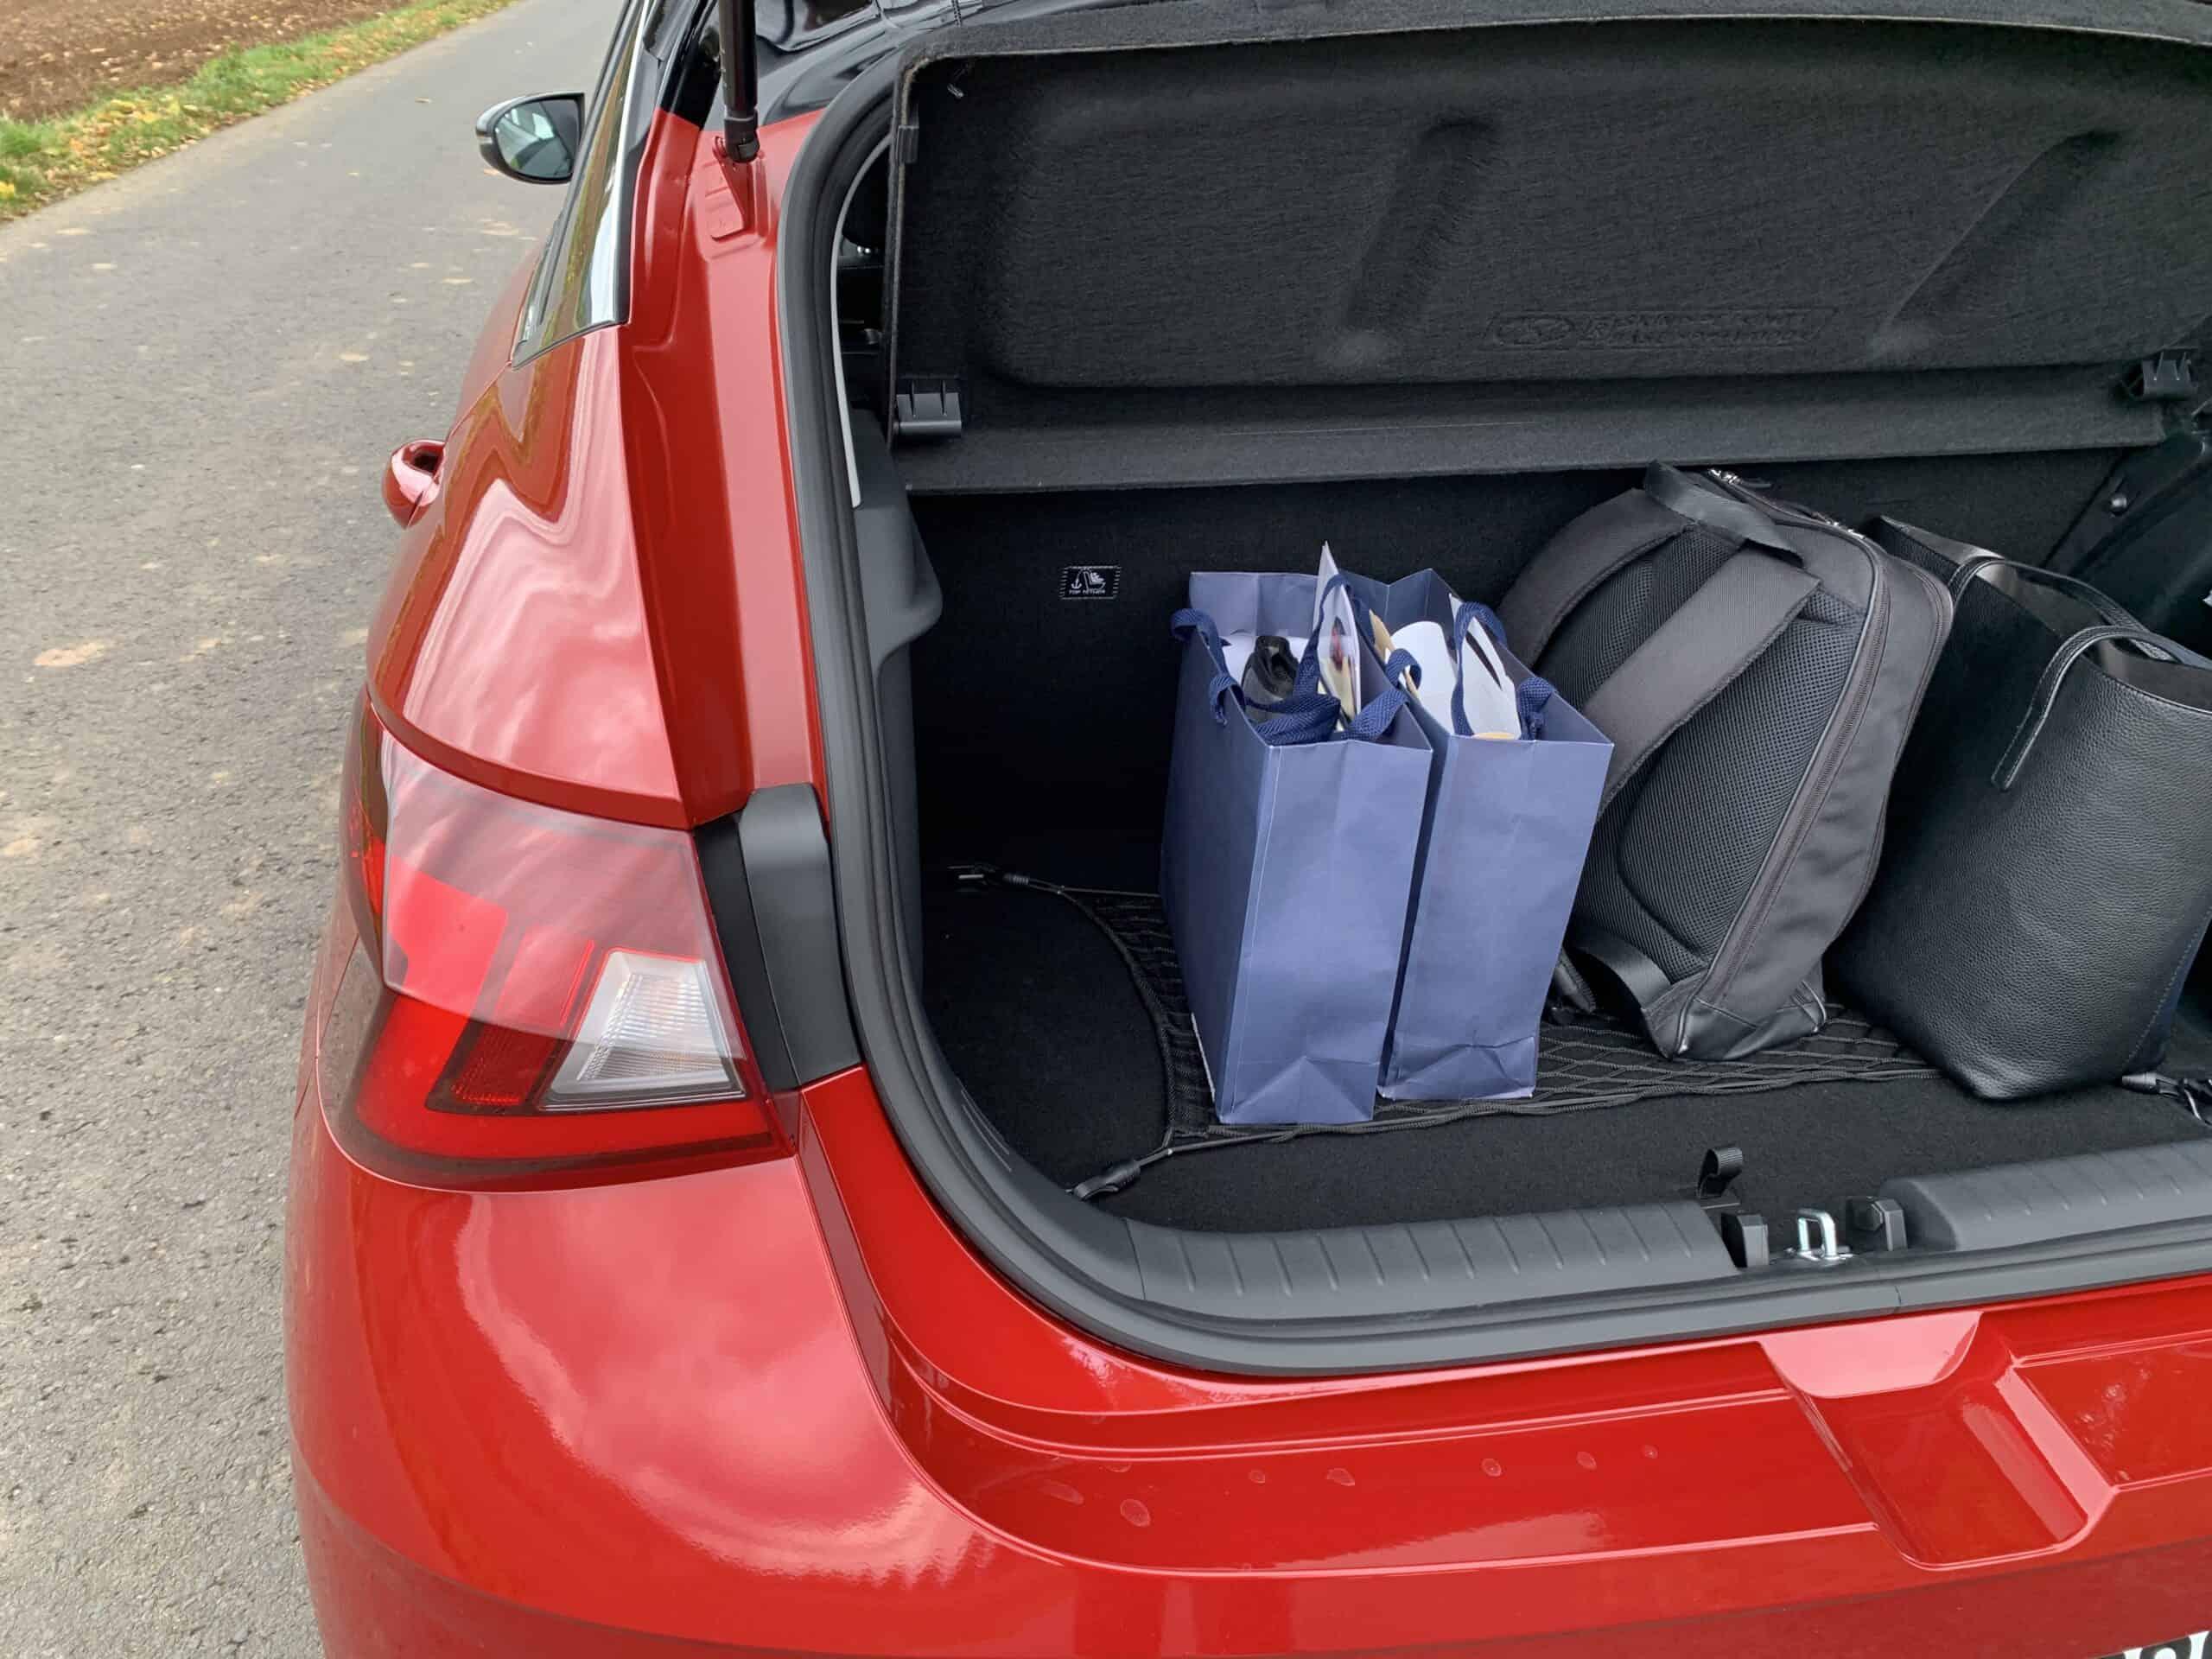 Neuer Hyundai i20 (2020) - Polo und Co müssen sich in Acht nehmen